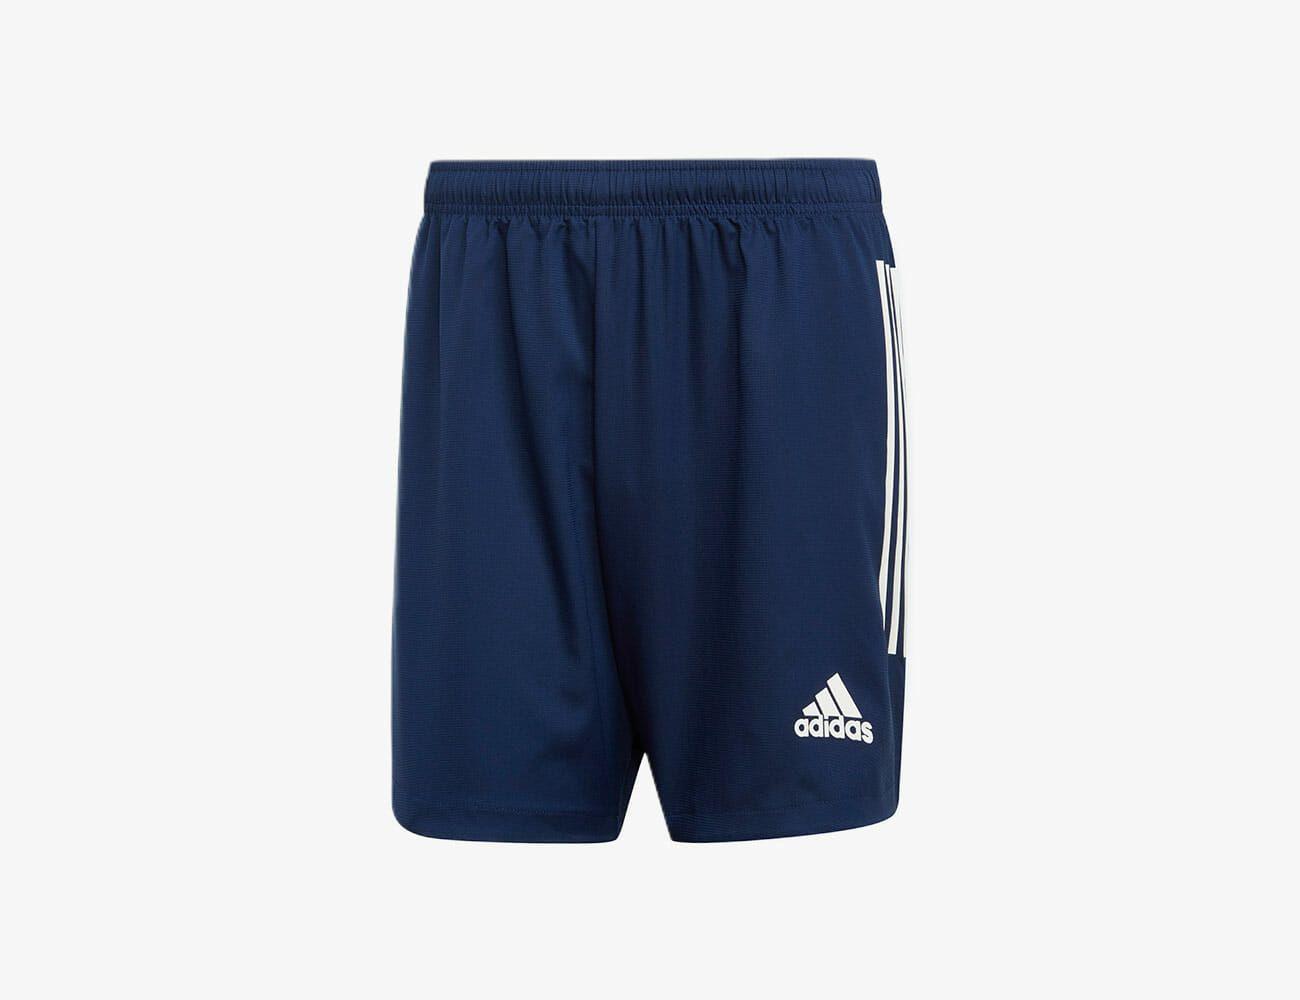 Librería Sermón derrochador  adidas crossfit shorts Shop Clothing & Shoes Online